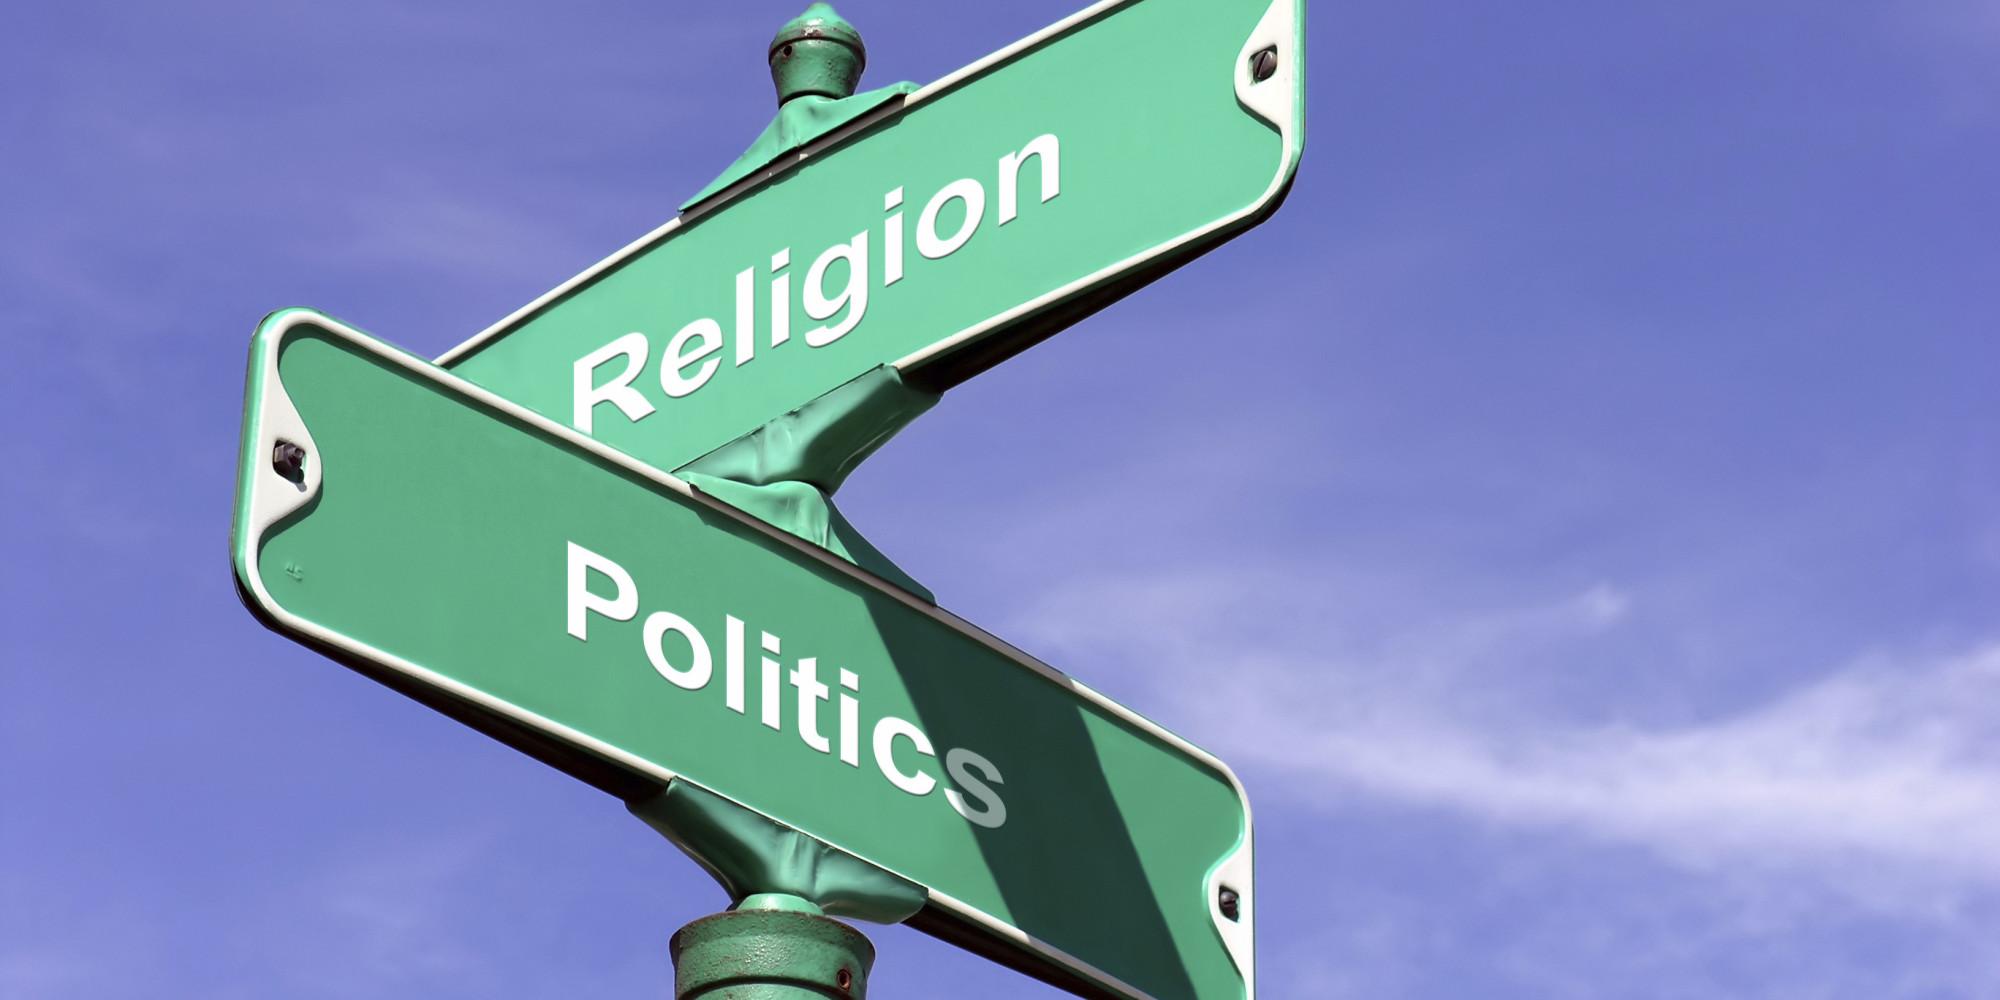 정치 성향을 좌우하는 것은 신앙일까? 자본일까?